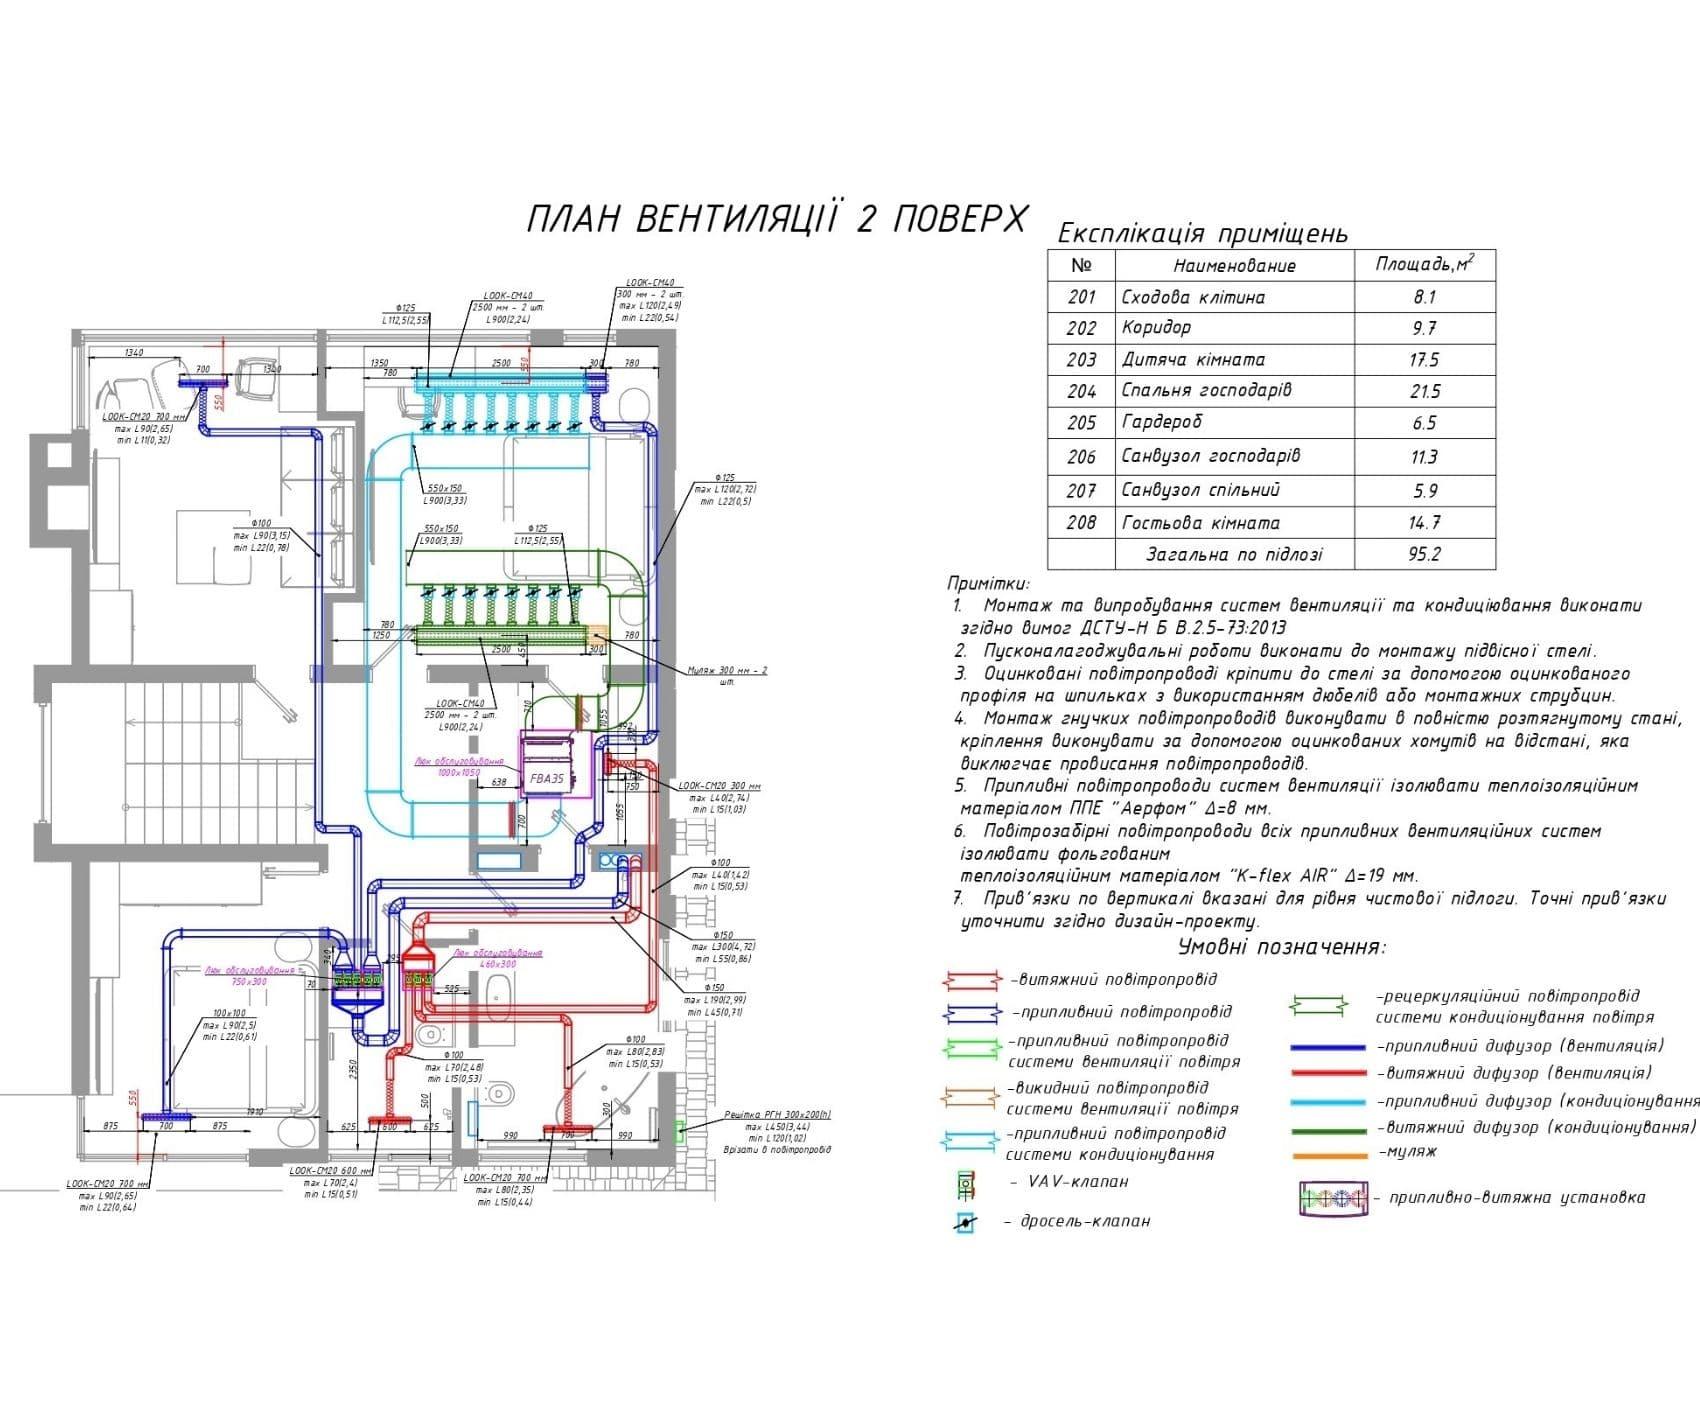 Централізована вентиляція Jablotron з VAV-клапанами в будинку. План другого поверху